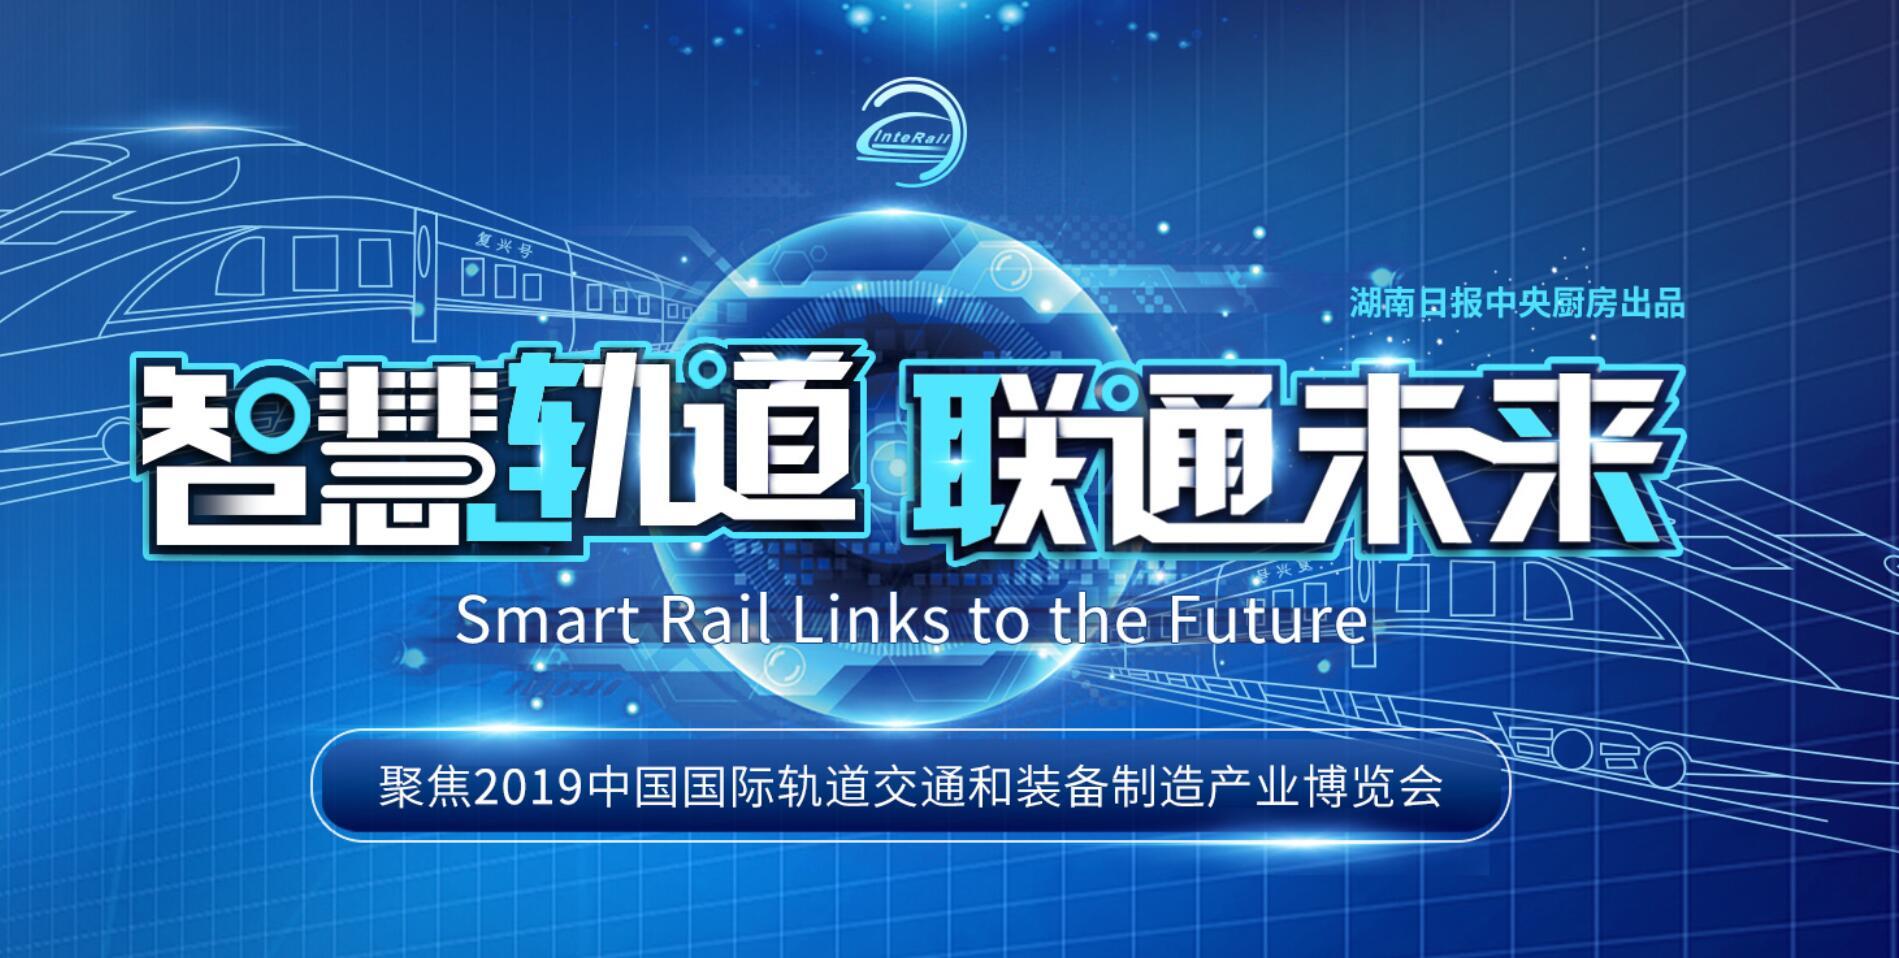 【专题】聚焦2019轨道轨道装备博览会